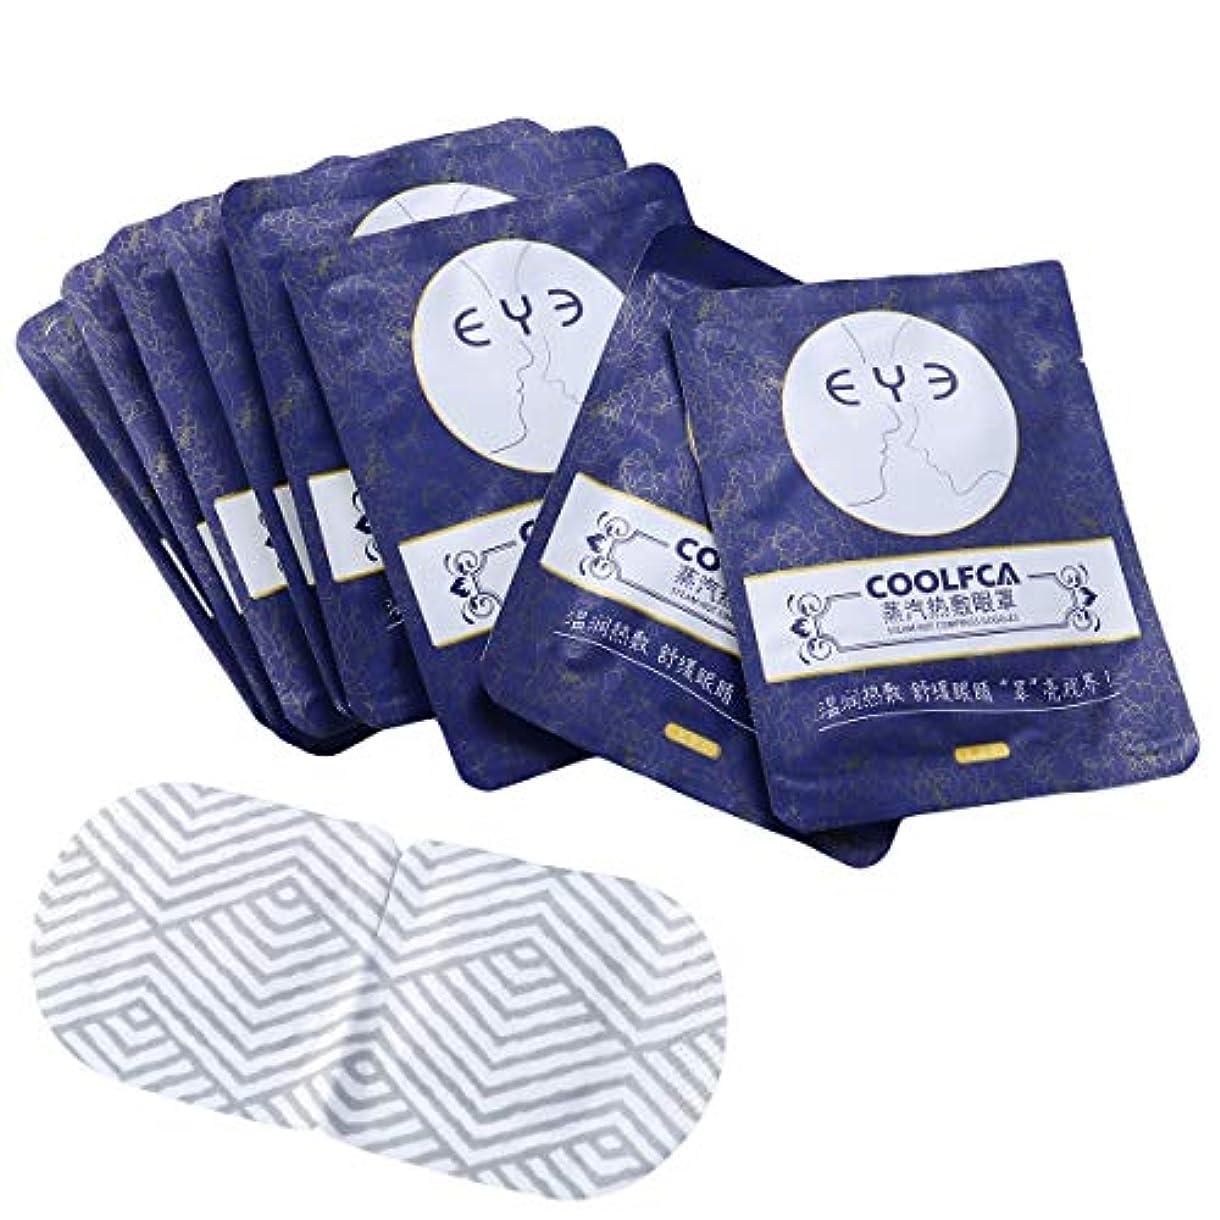 取る商人言い換えるとHEALIFTY アイセラピーマスク10ピーススチーム暖かいアイマスクパッチホットスージング使い捨てパッド用アイケアスパ無香料